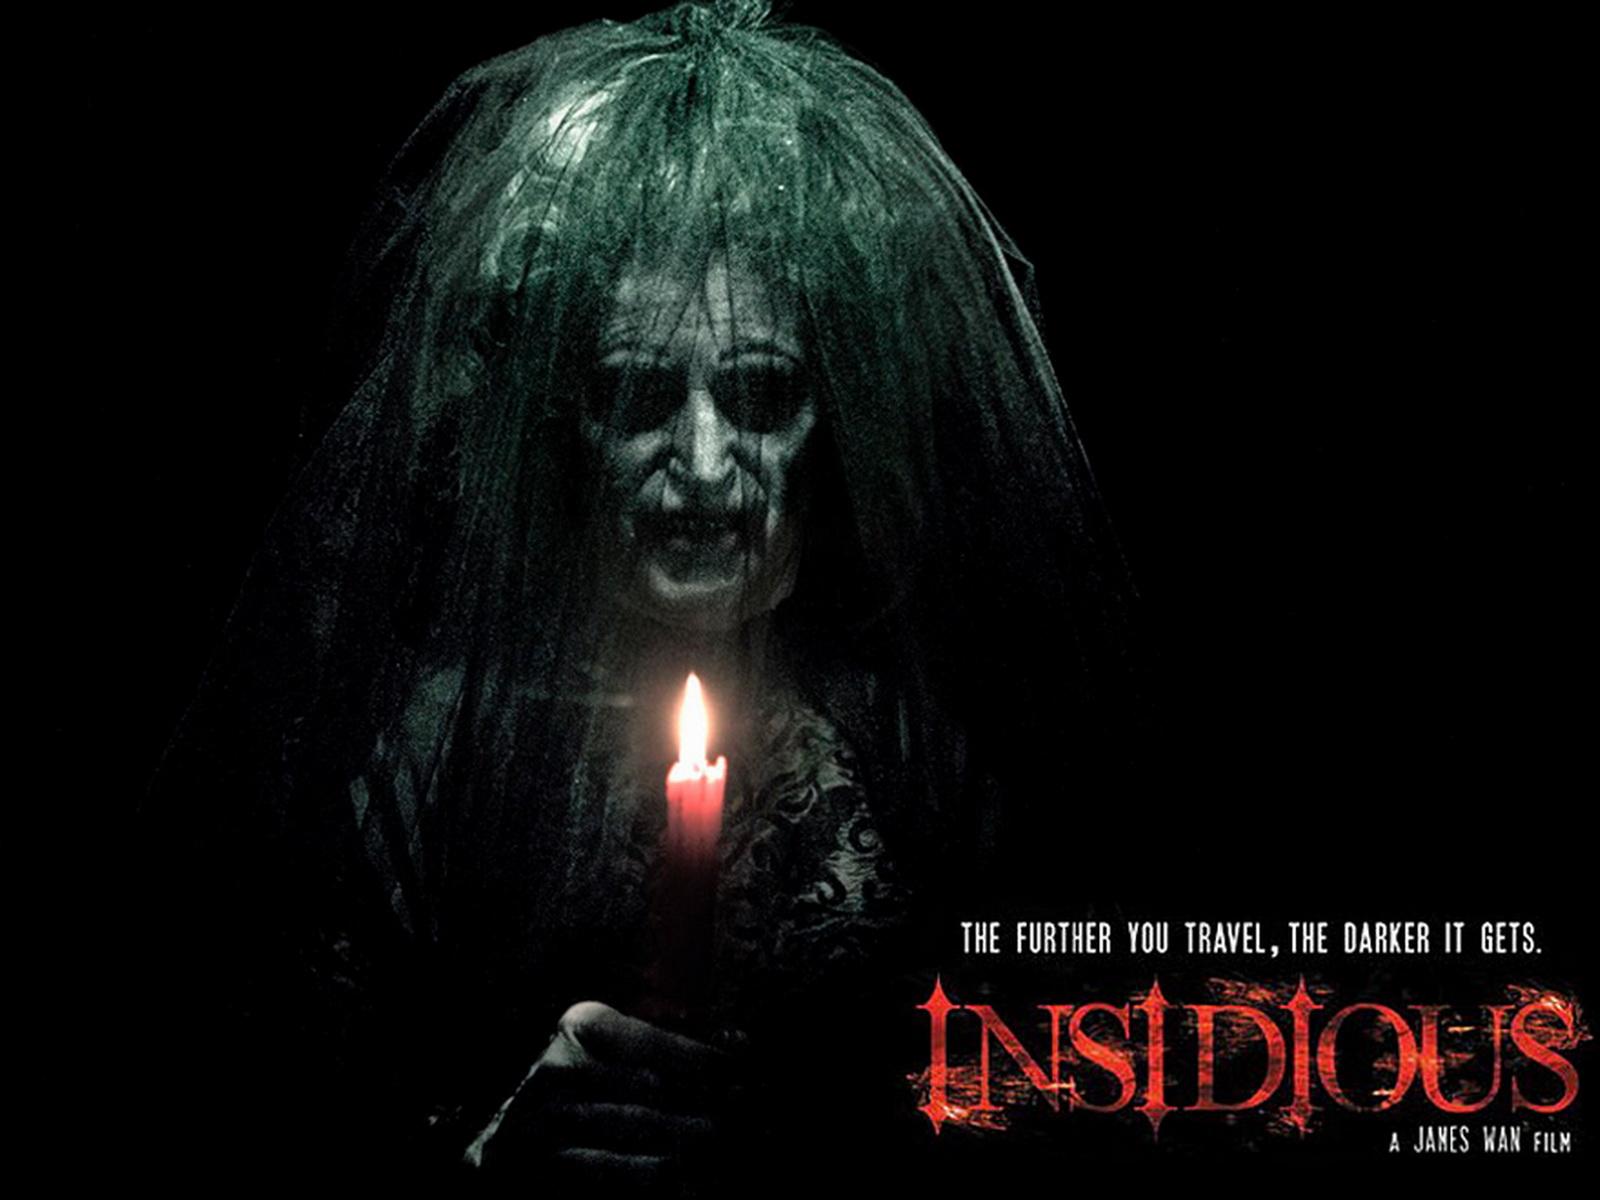 http://3.bp.blogspot.com/-4HBZ1l6Pbn0/TxdLiE3GDbI/AAAAAAAAA4I/GLi3-To_jQY/s1600/insidious-1-435345.jpeg